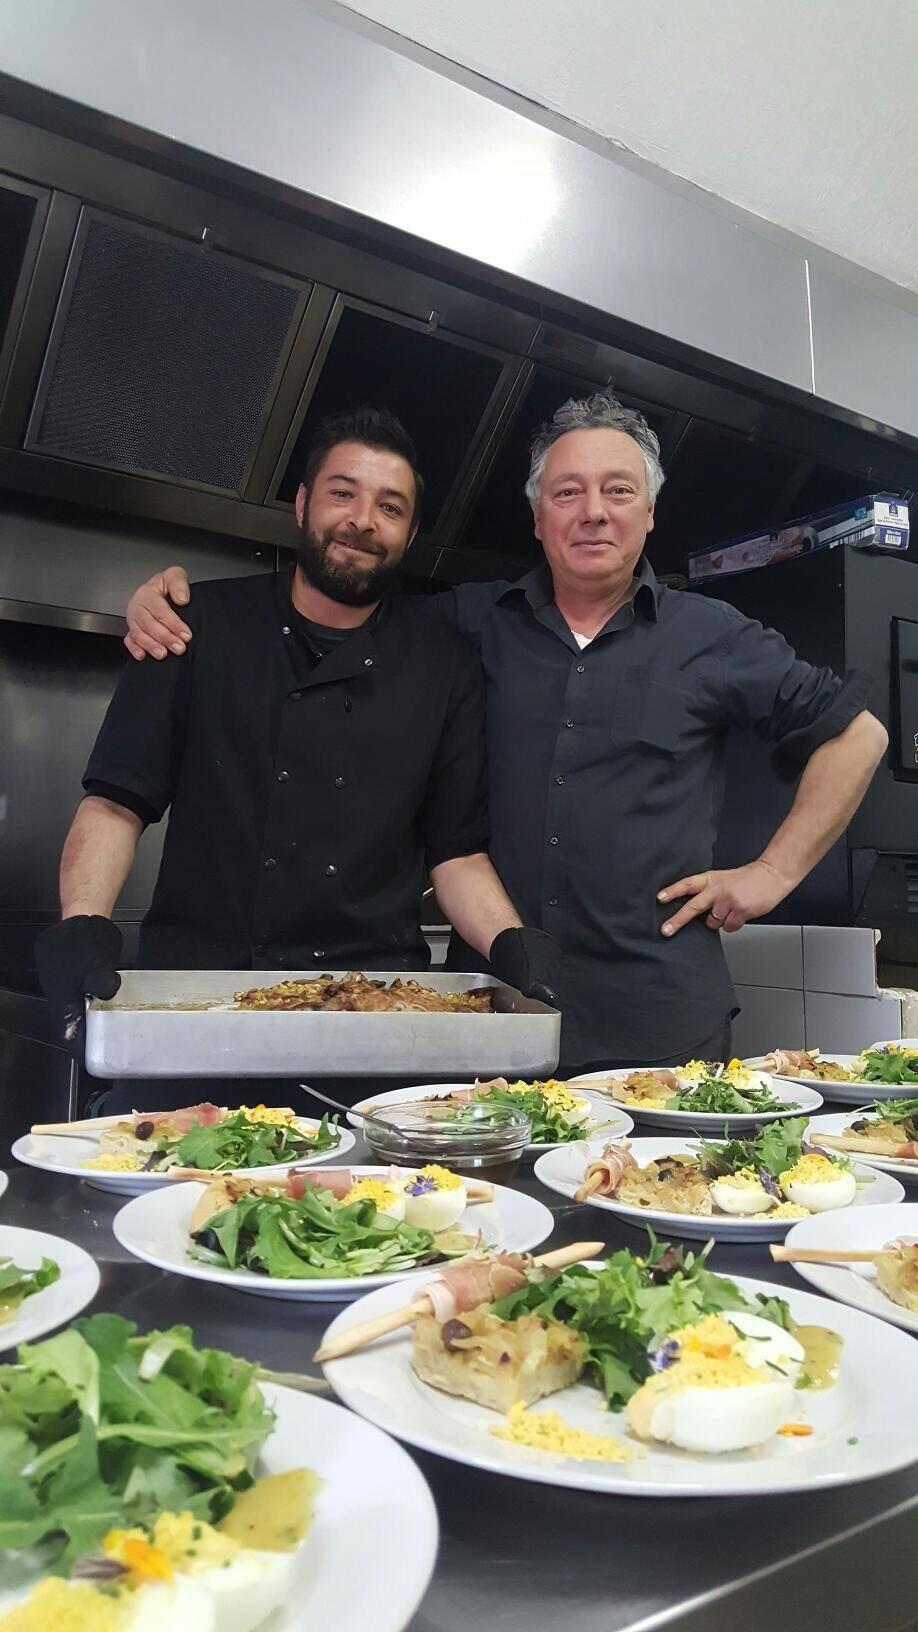 Yvonic Mouzaika et Roberto Motosso, qui ont préparé un repas de Pâques pour l'association « Bellavalia ».